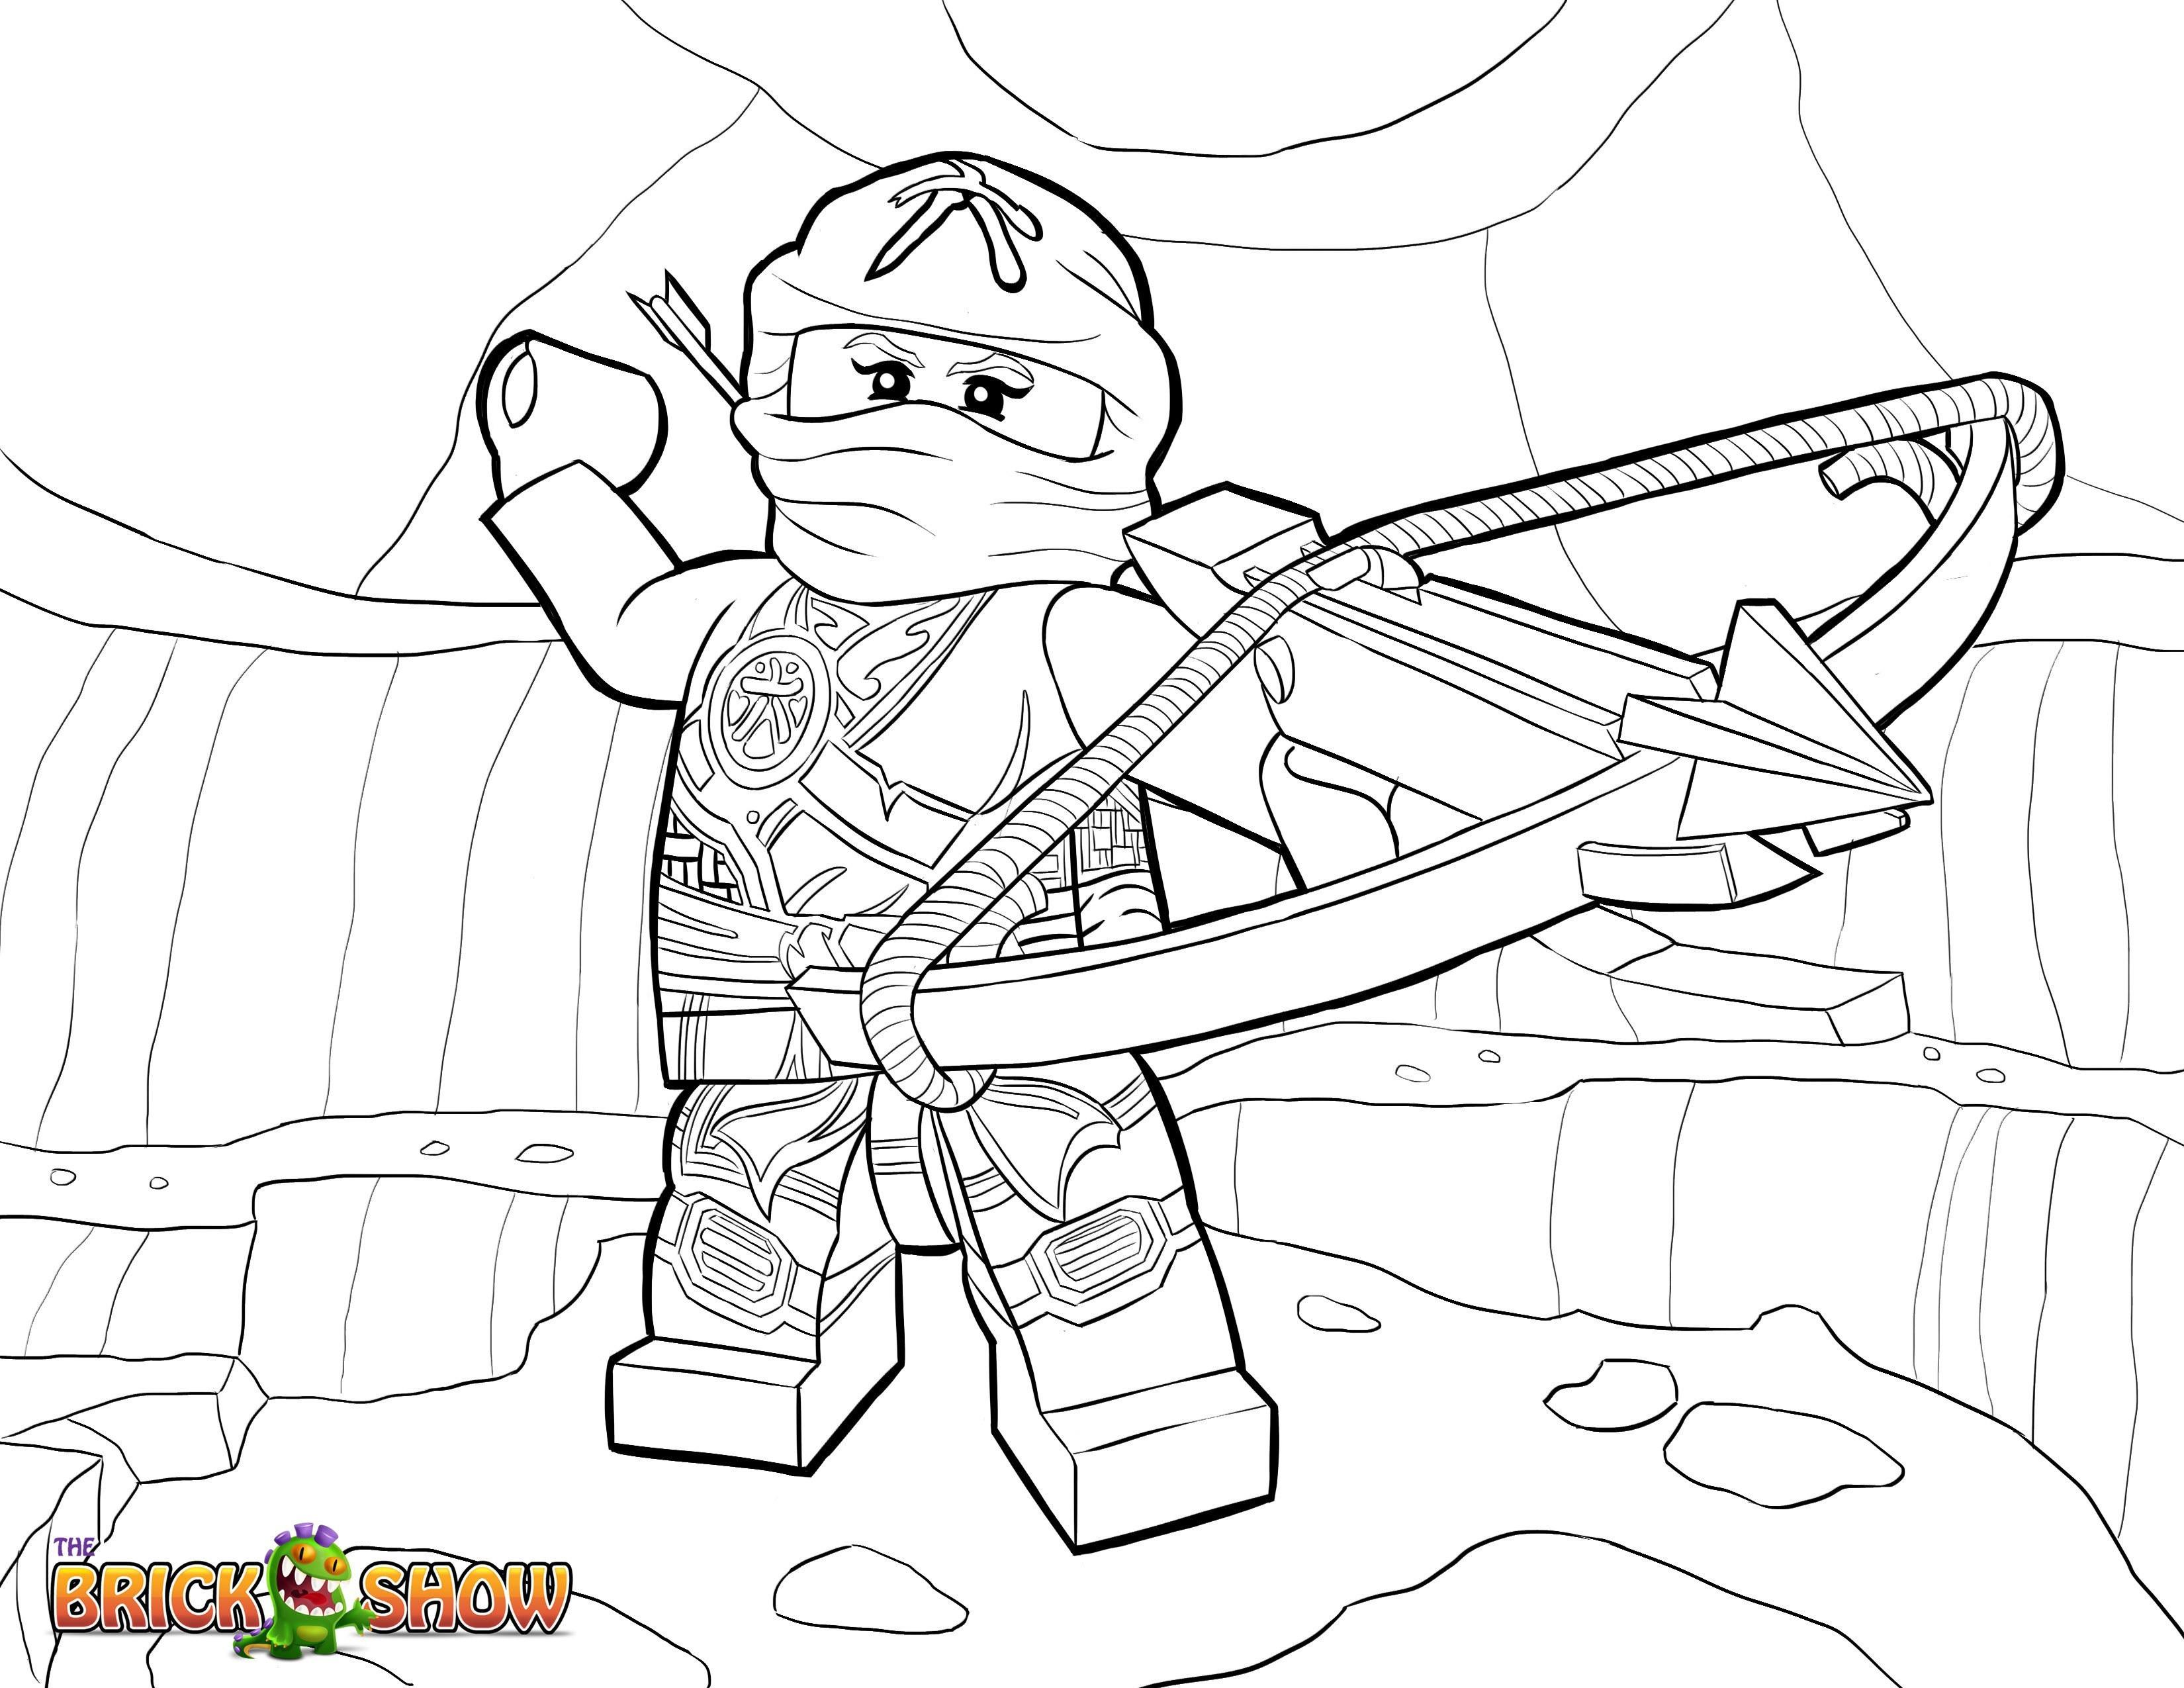 Lego Polizei Ausmalbilder Inspirierend 40 Lego Malvorlagen Scoredatscore Frisch Lego Polizei Ausmalbilder Fotografieren